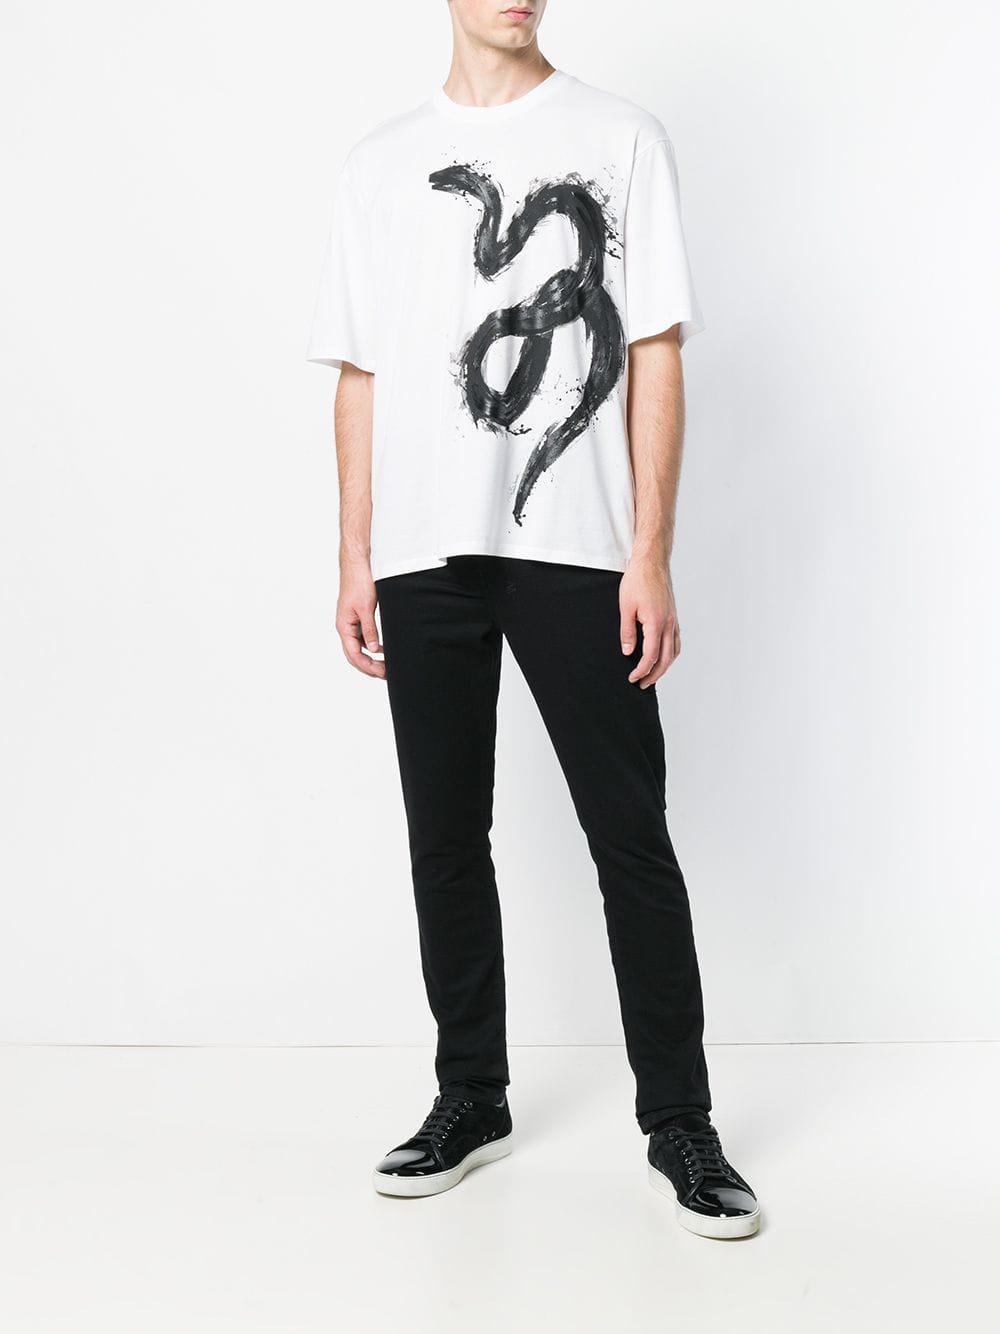 5eab9afb Roberto Cavalli Snake Print T-shirt in White for Men - Lyst